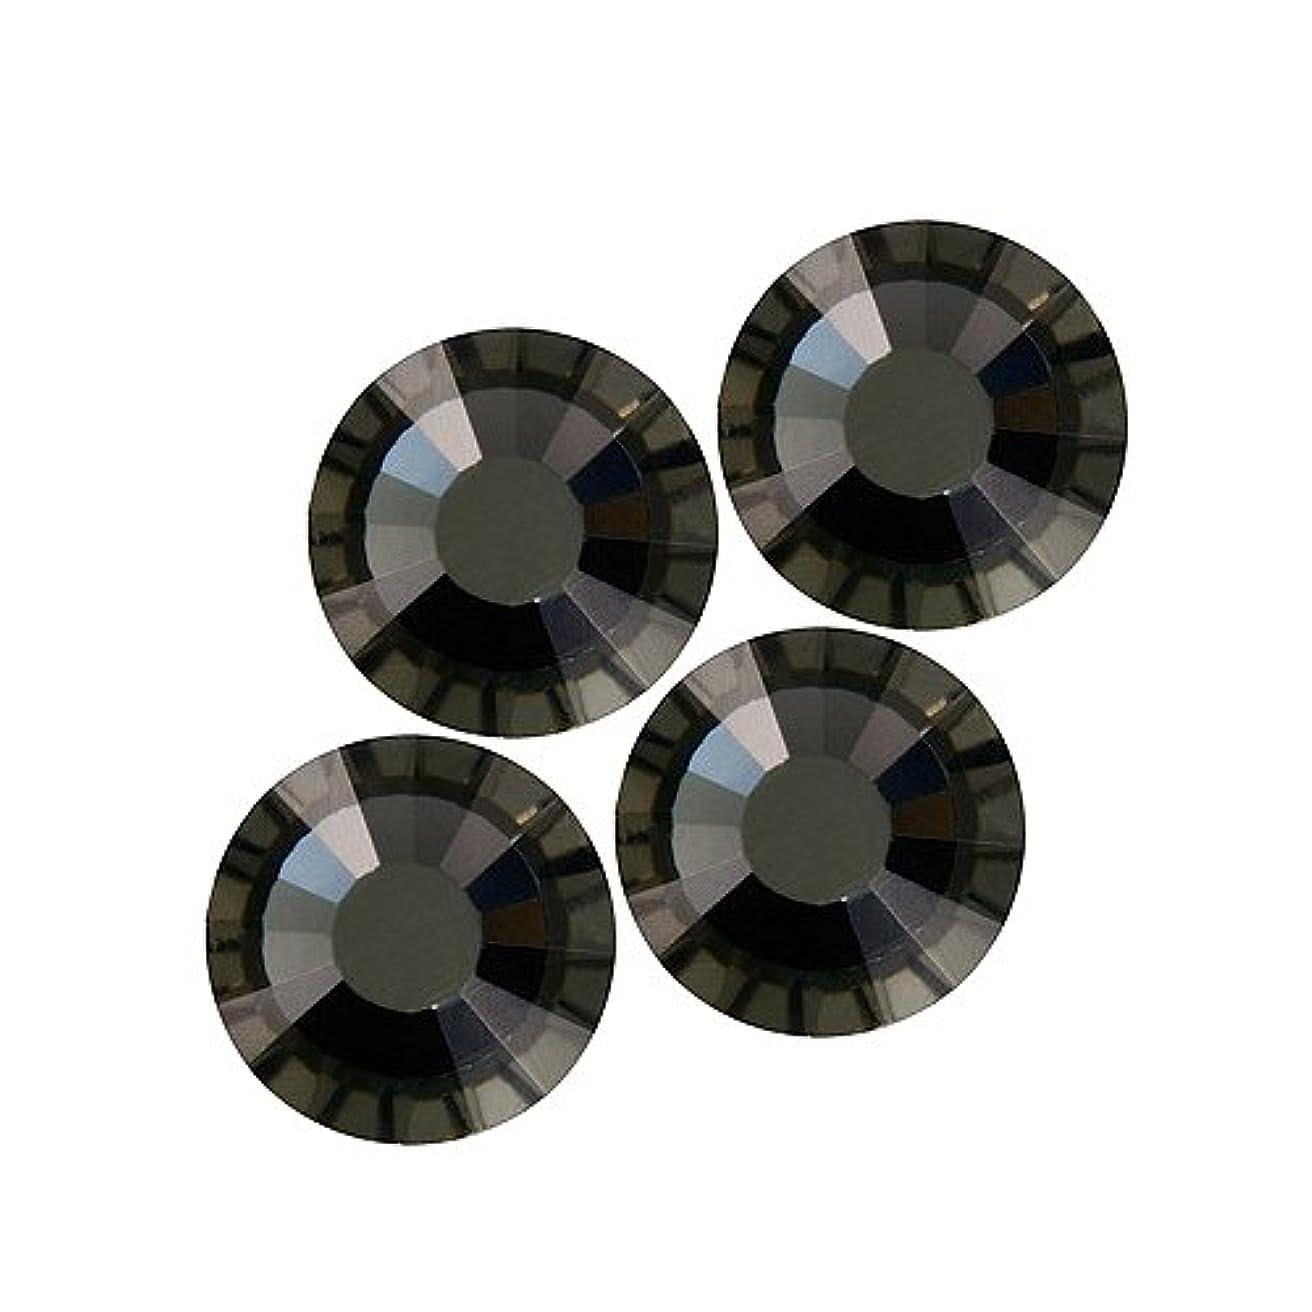 ディレイ無視魅力的バイナル DIAMOND RHINESTONE ブラックダイアモンド SS3 720粒 ST-SS3-BKD-5G